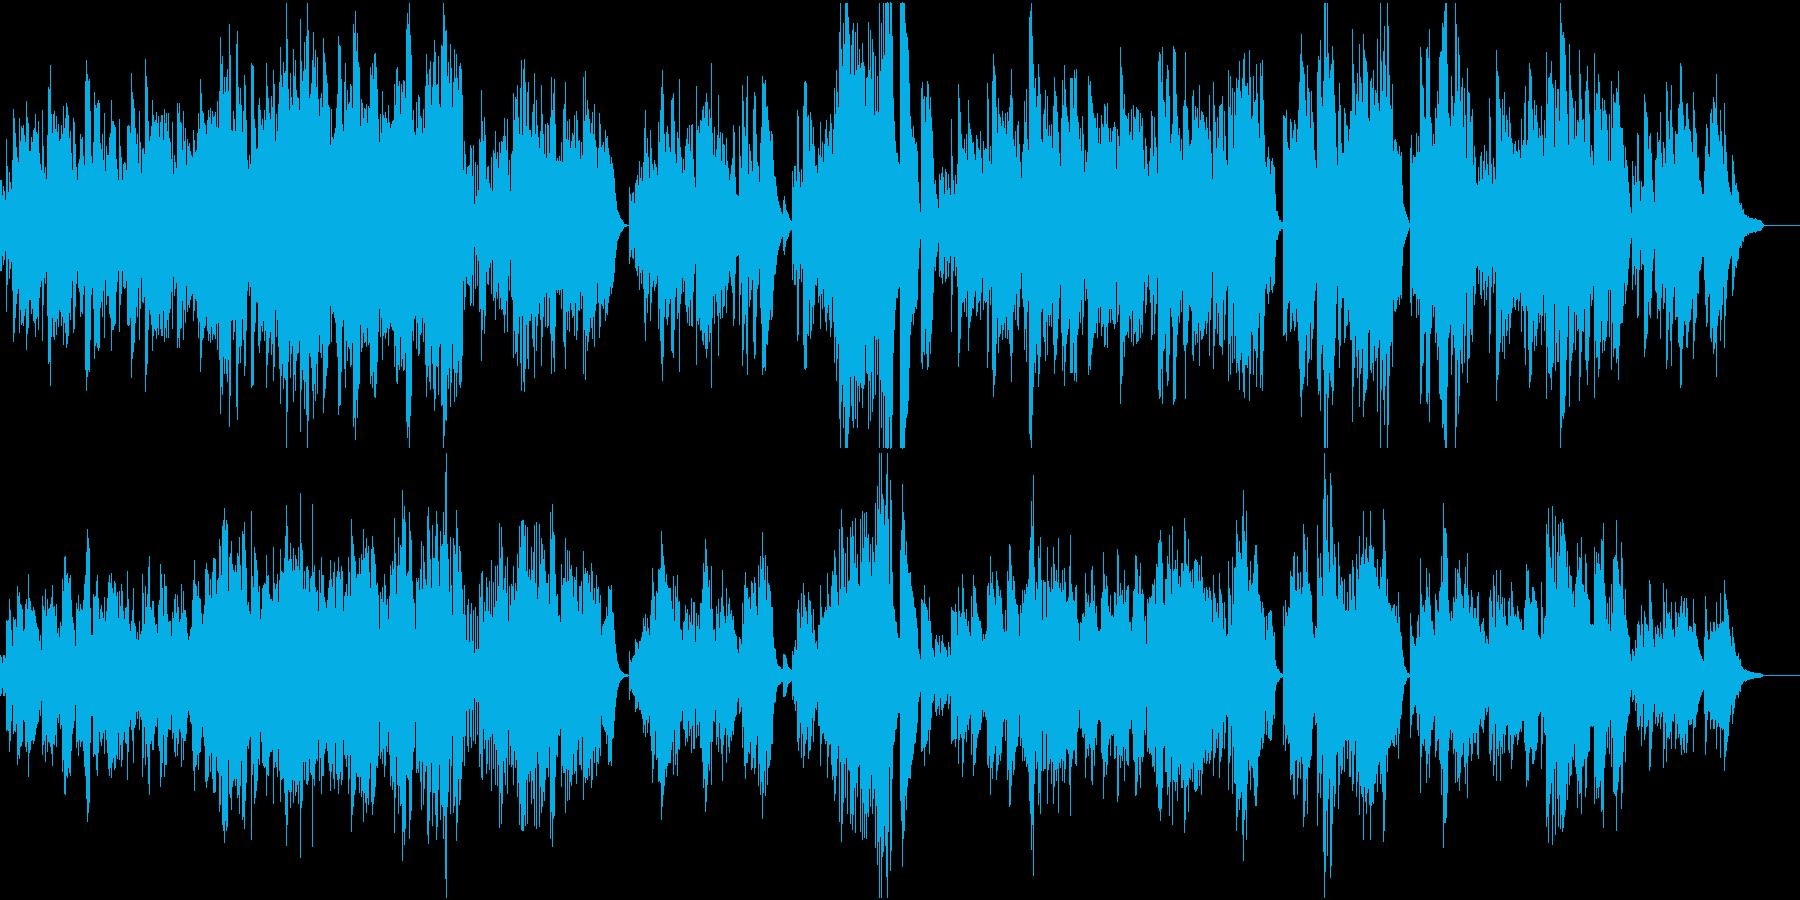 語るには重すぎる愛のピアノ曲の再生済みの波形